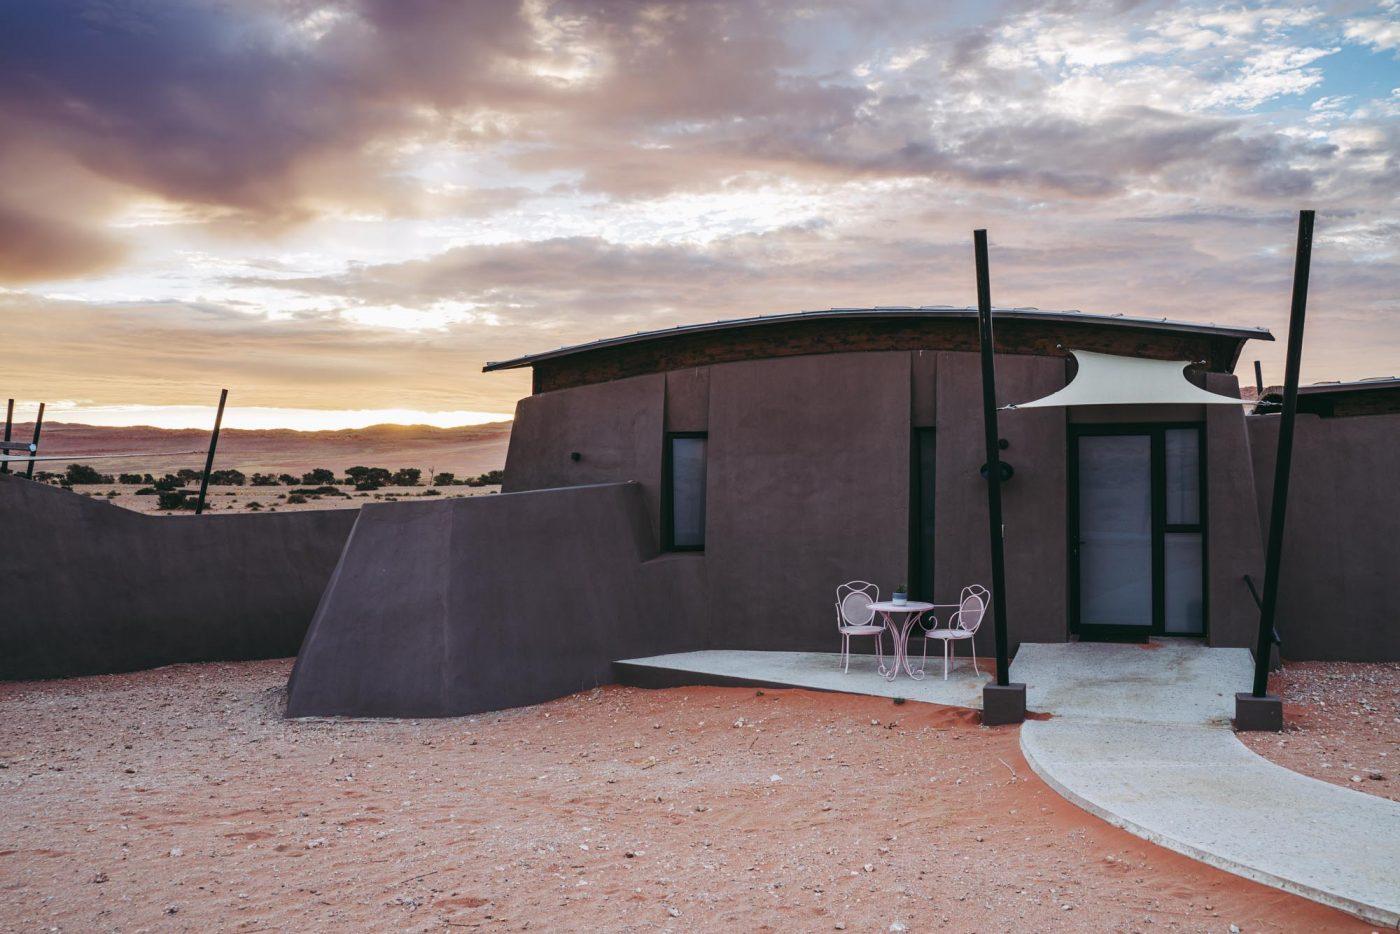 Desert Grace Lodge, Sossusvlei accommodation in Namib Desert